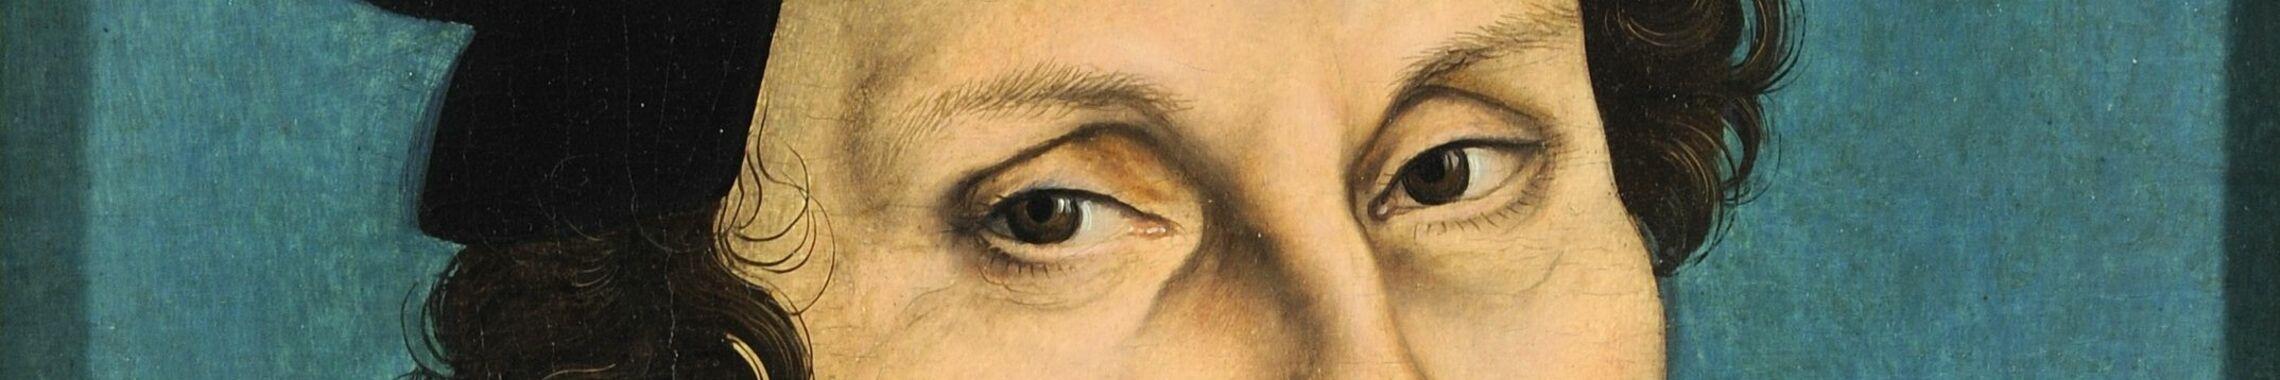 Lucas Cranach d.Ä. - Martin Luther, 1528